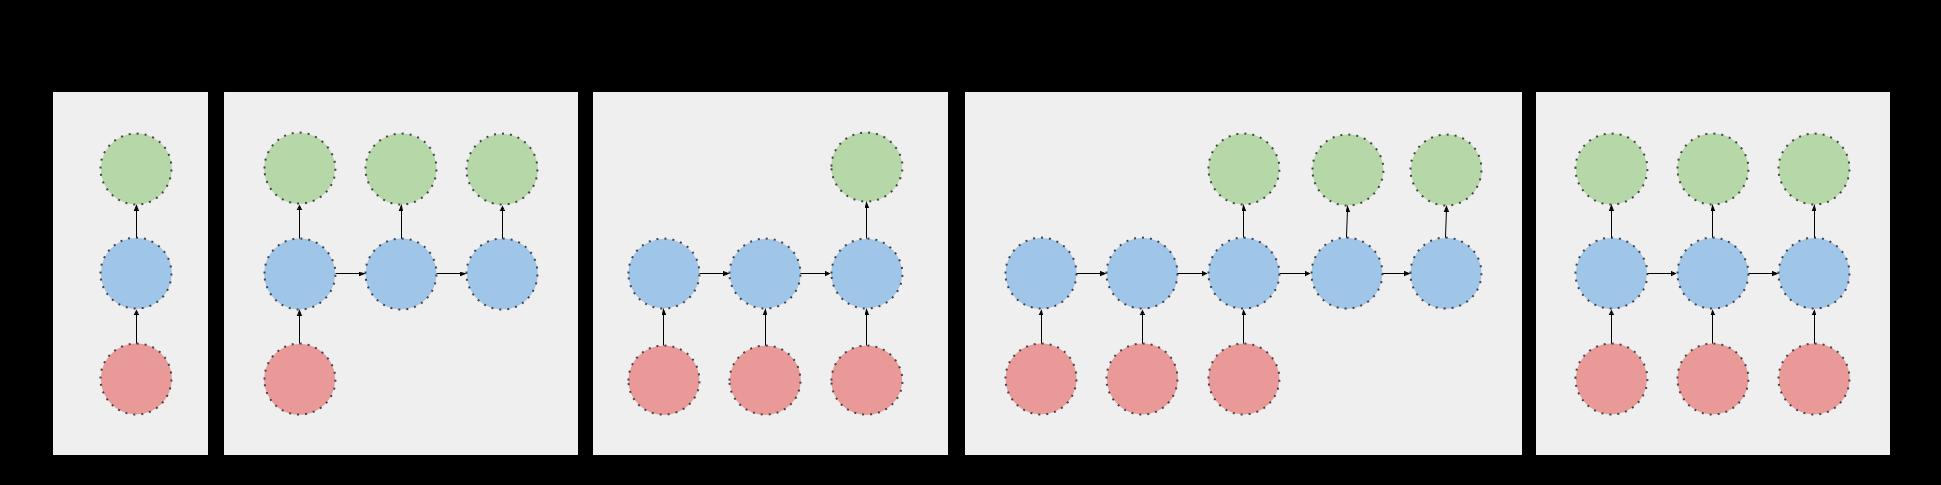 RNN Architectures